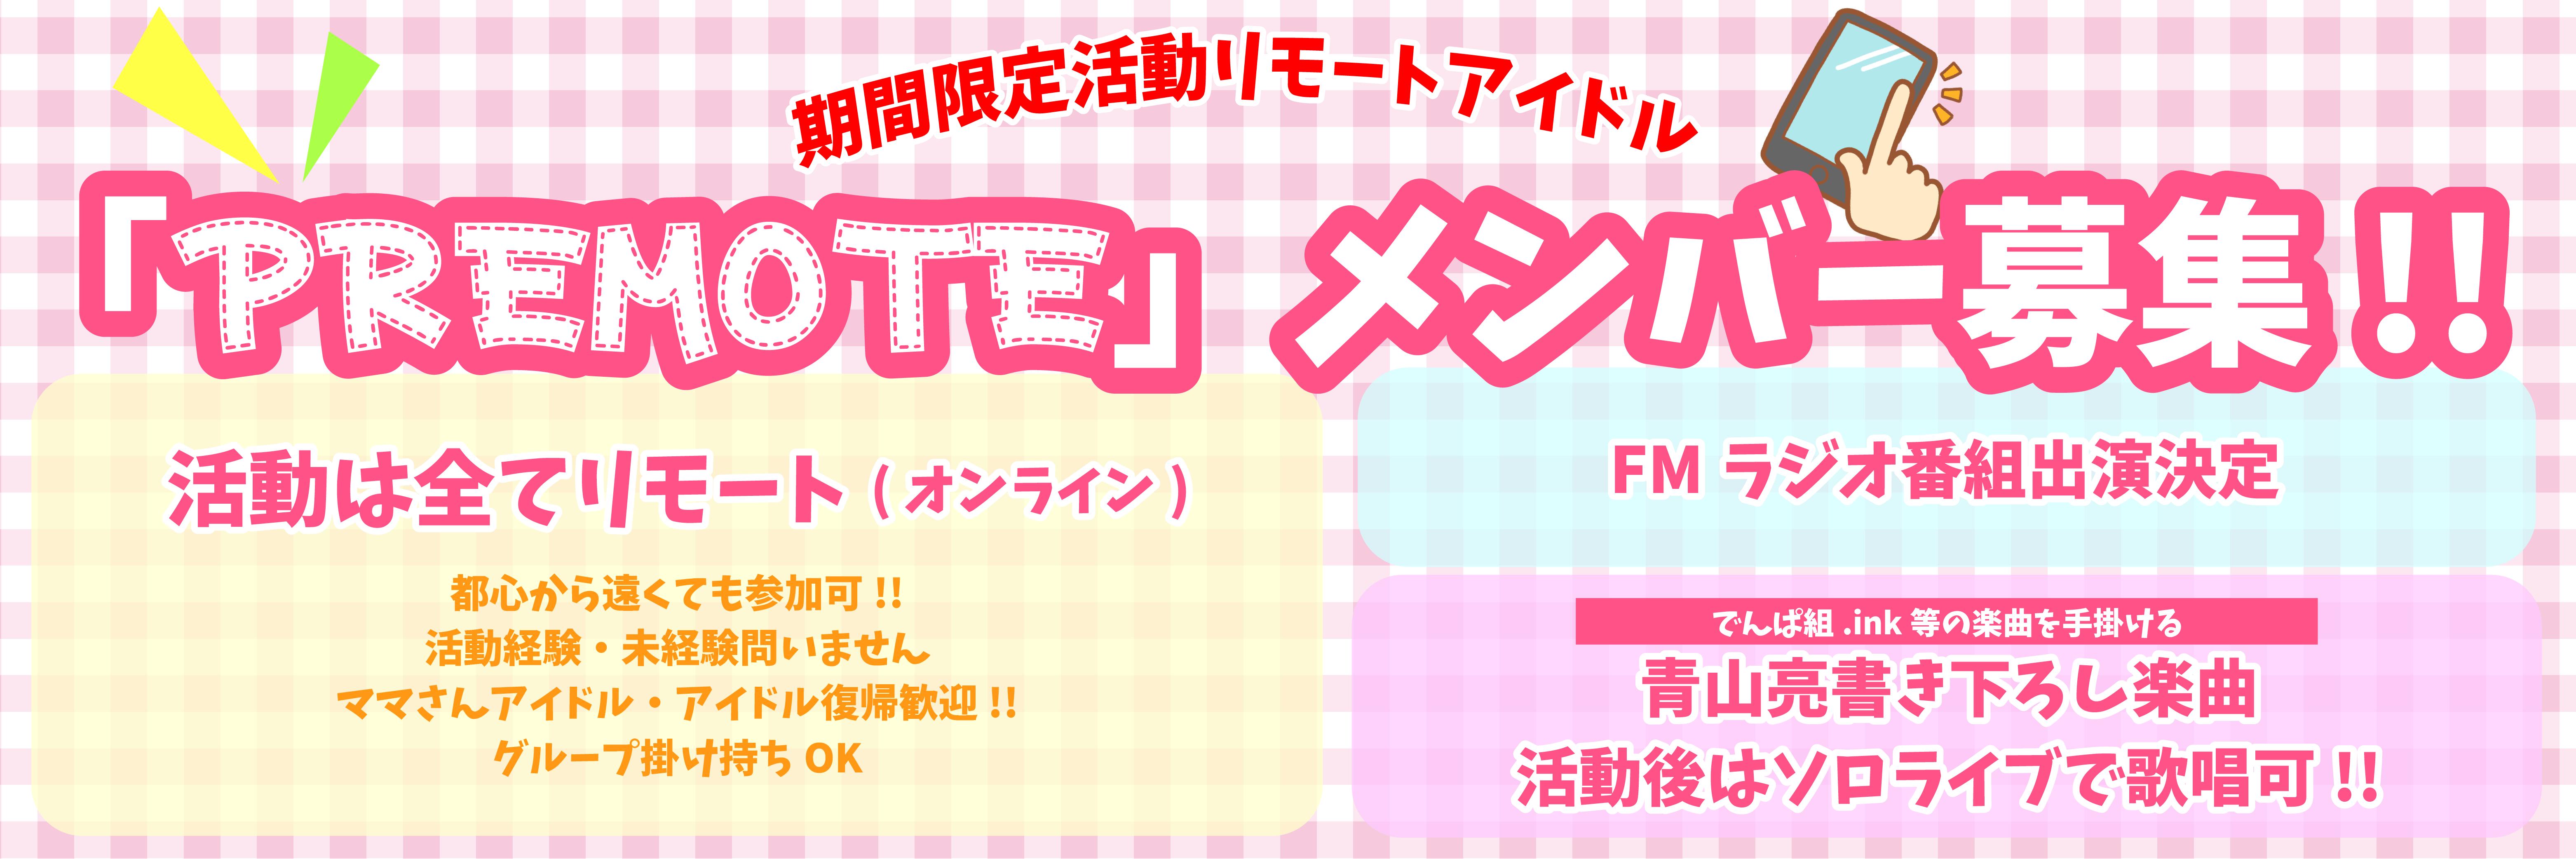 オーディション 期間限定リモートアイドル「PREMOTE」メンバー募集 主催:Crossing Music、カテゴリ:アイドル(特化系)